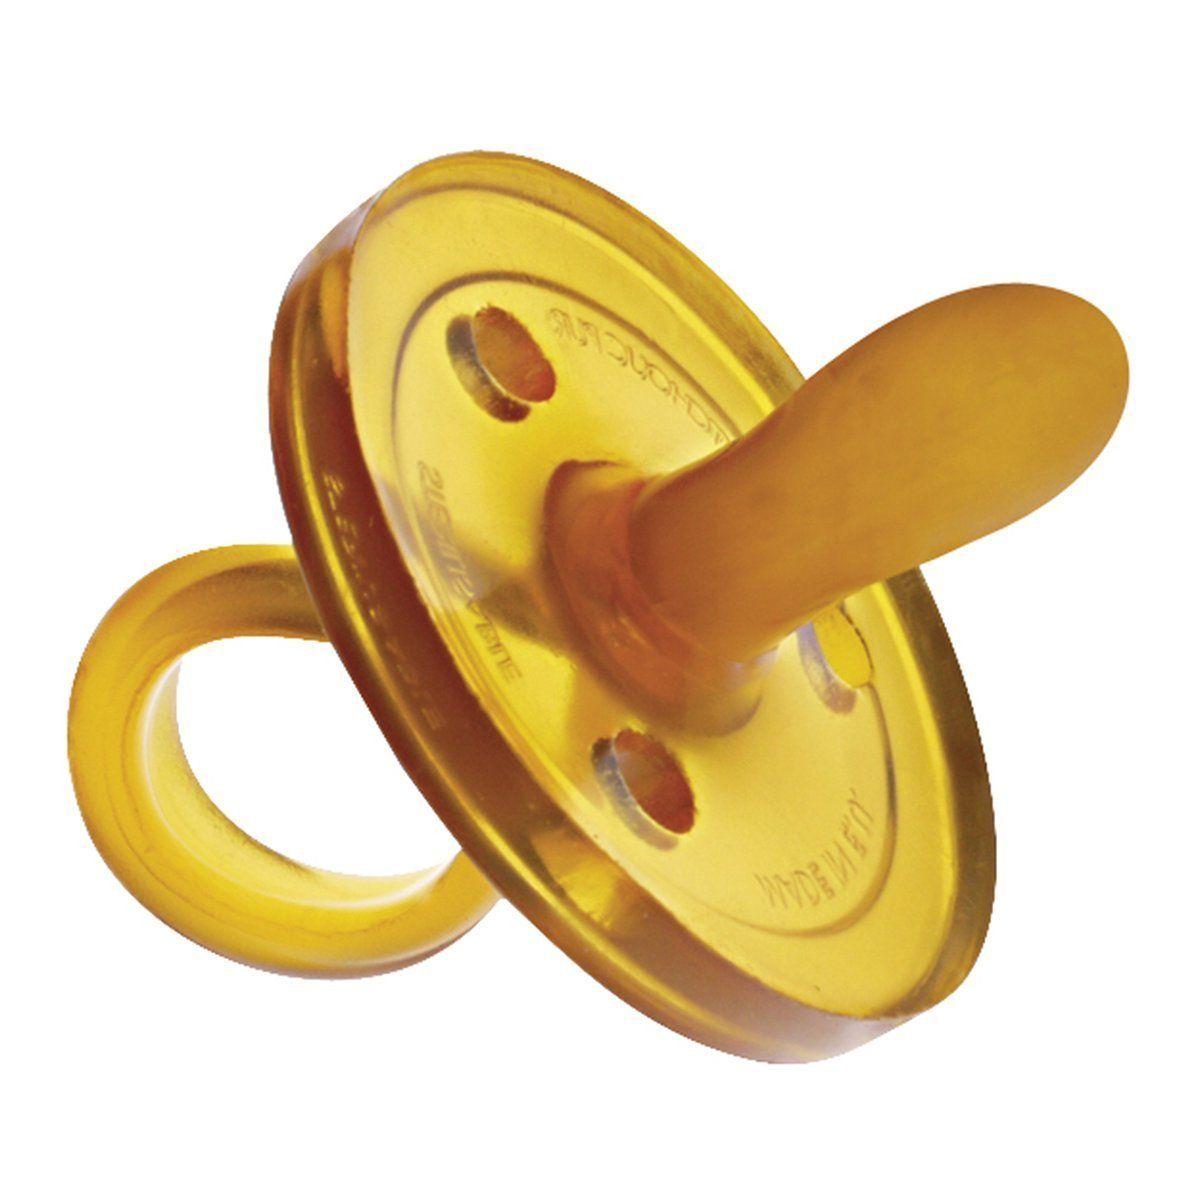 Sucette ovale caoutchouc 6 mois + GOLDI